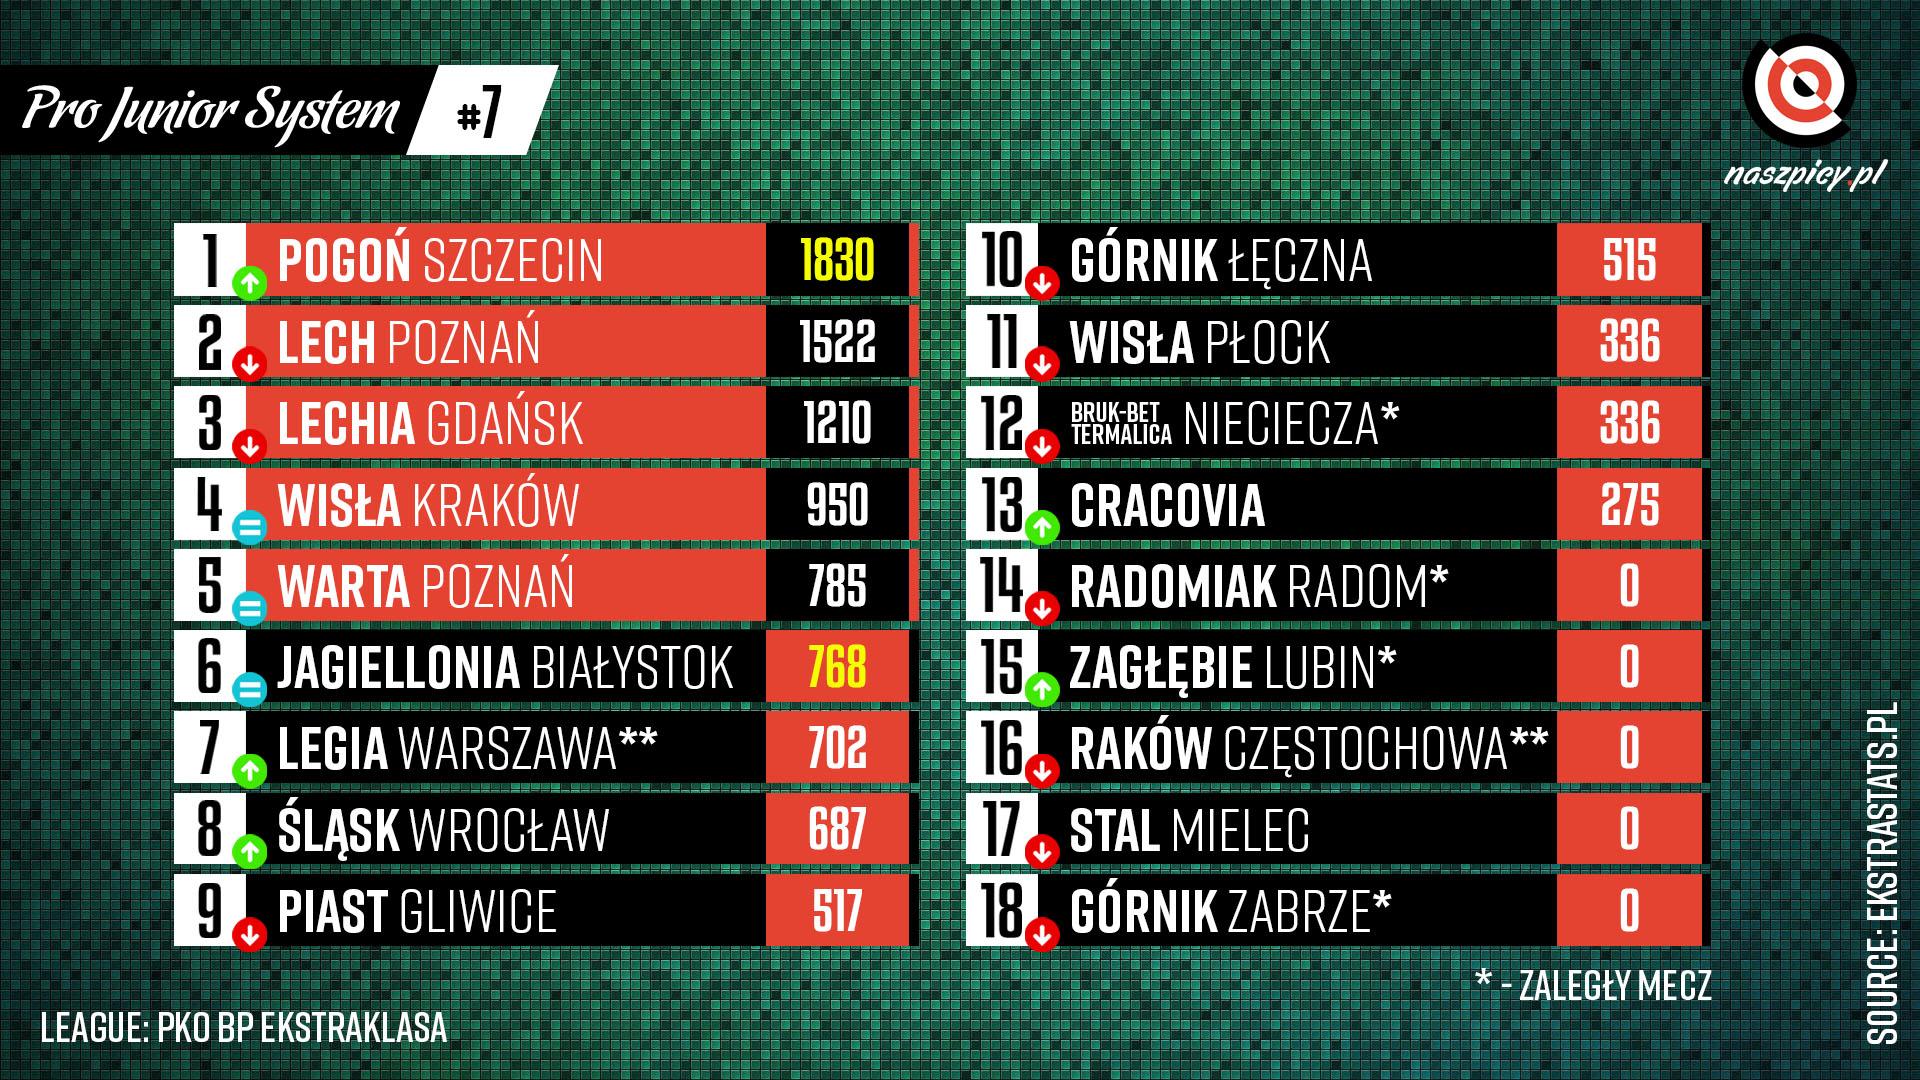 Klasyfikacja Pro Junior System po 7. kolejce PKO Ekstraklasy 2021-22<br><br>Źródło: Opracowanie własne na podstawie ekstrastats.pl<br><br>graf. Bartosz Urban